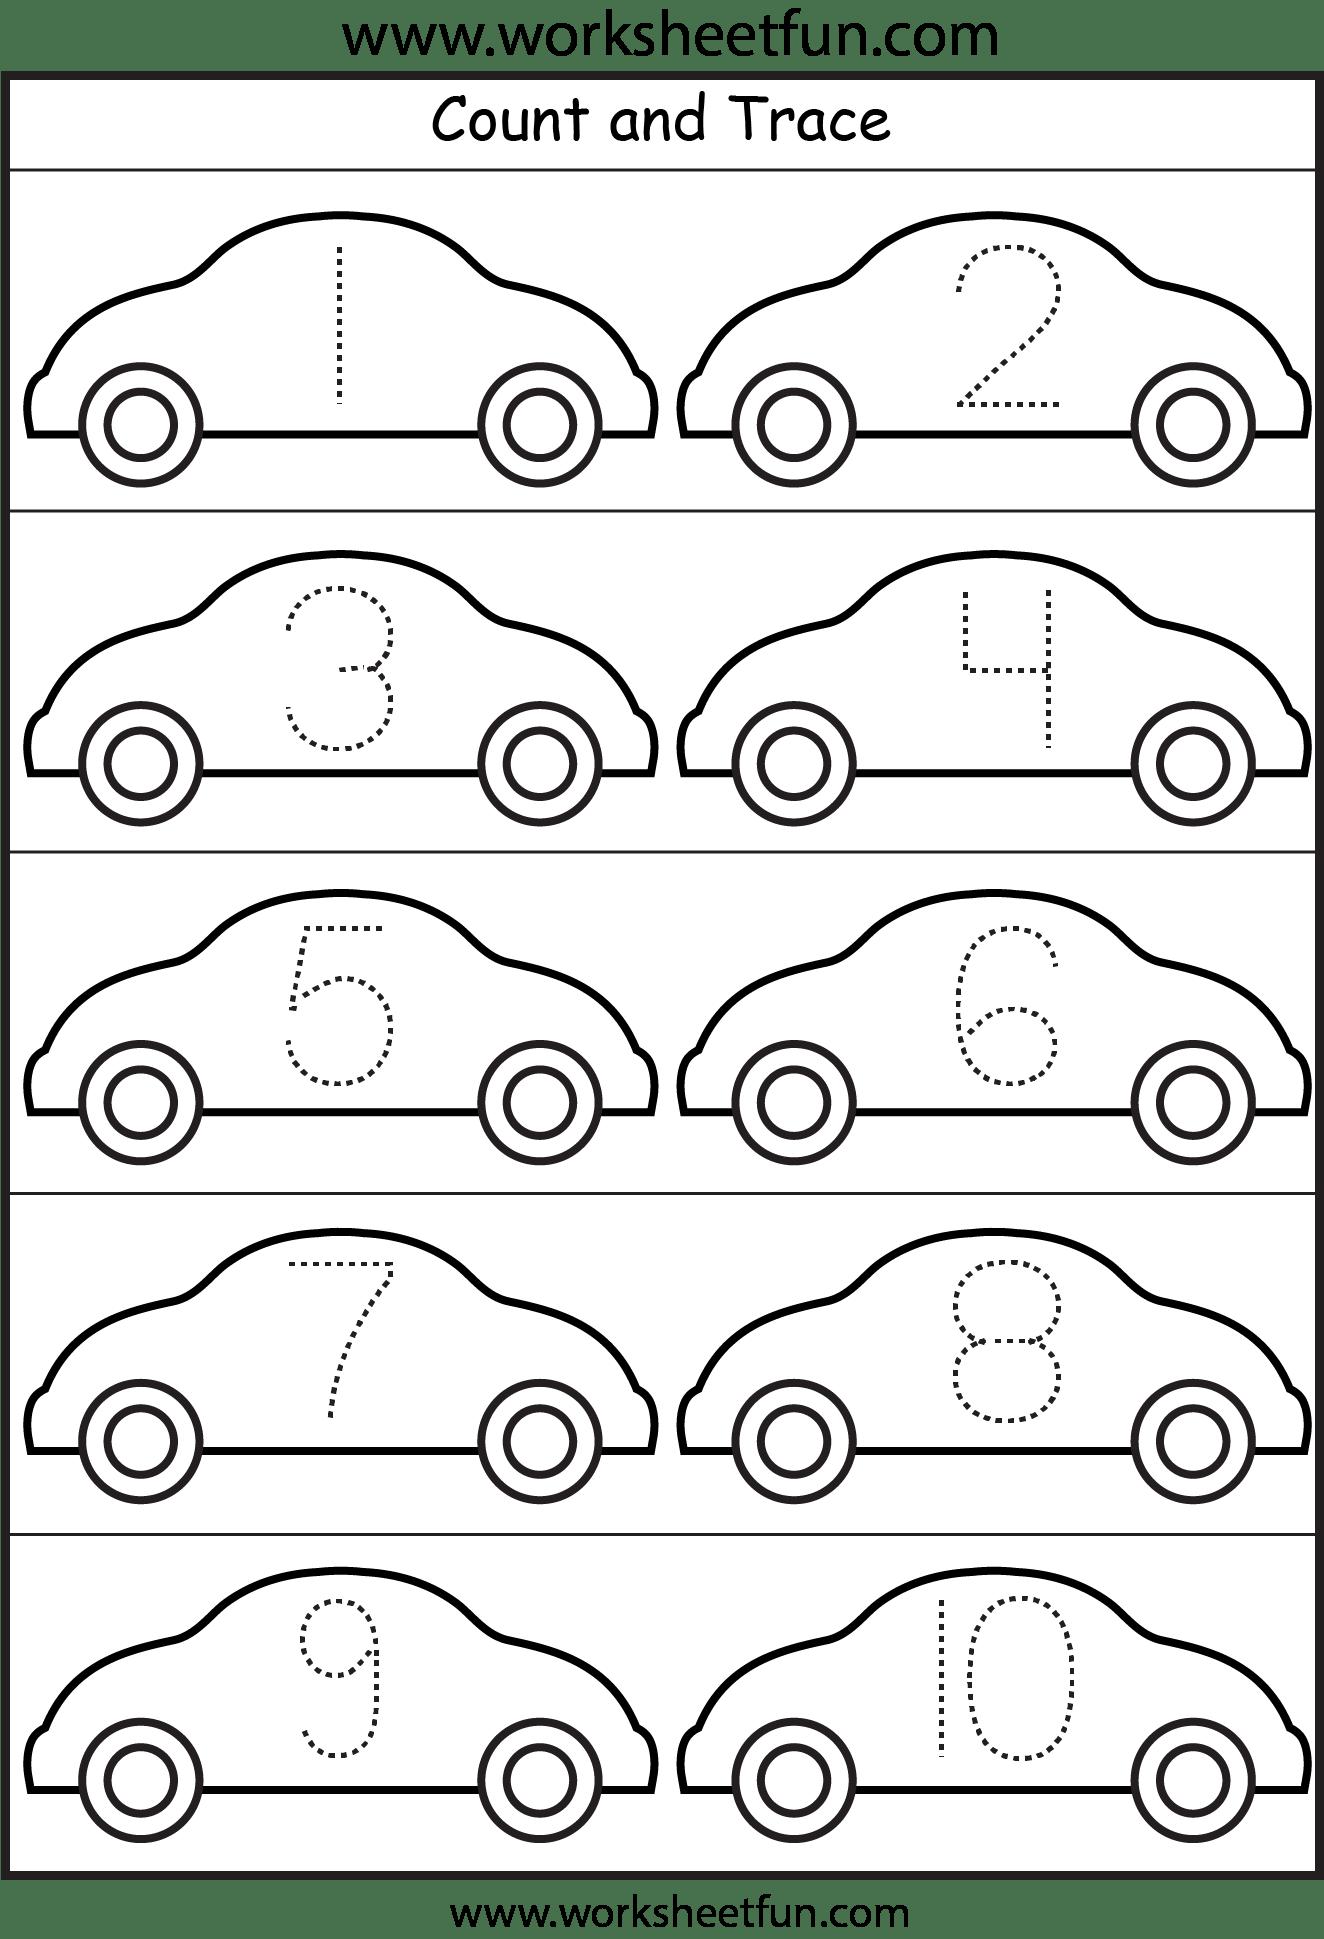 Number Tracing 4 Worksheets Free Printable Worksheets Worksheetfun